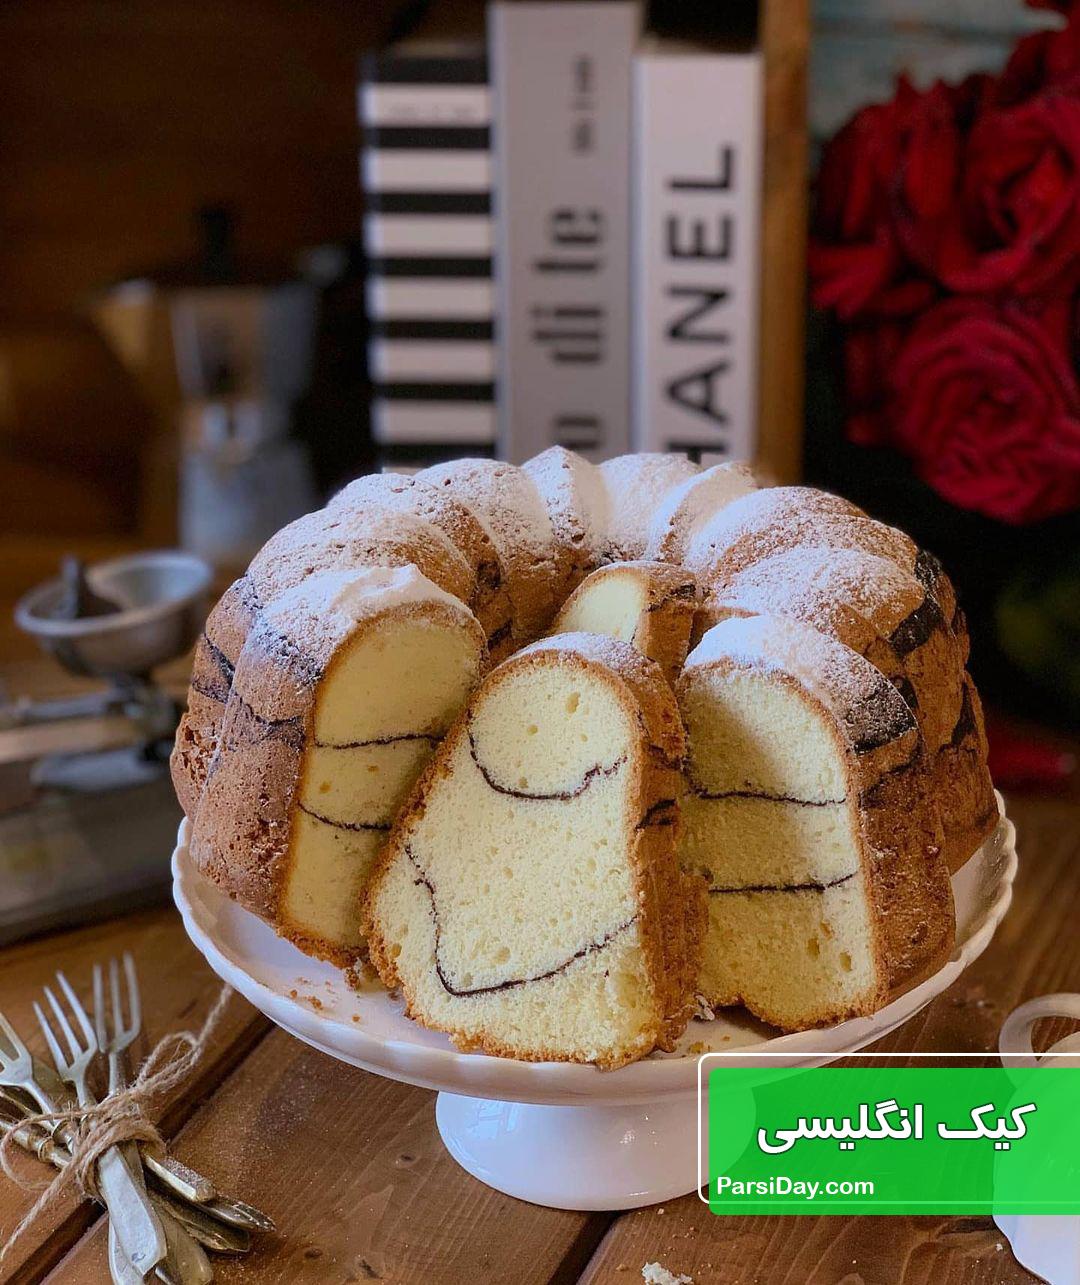 طرز تهیه کیک انگلیسی